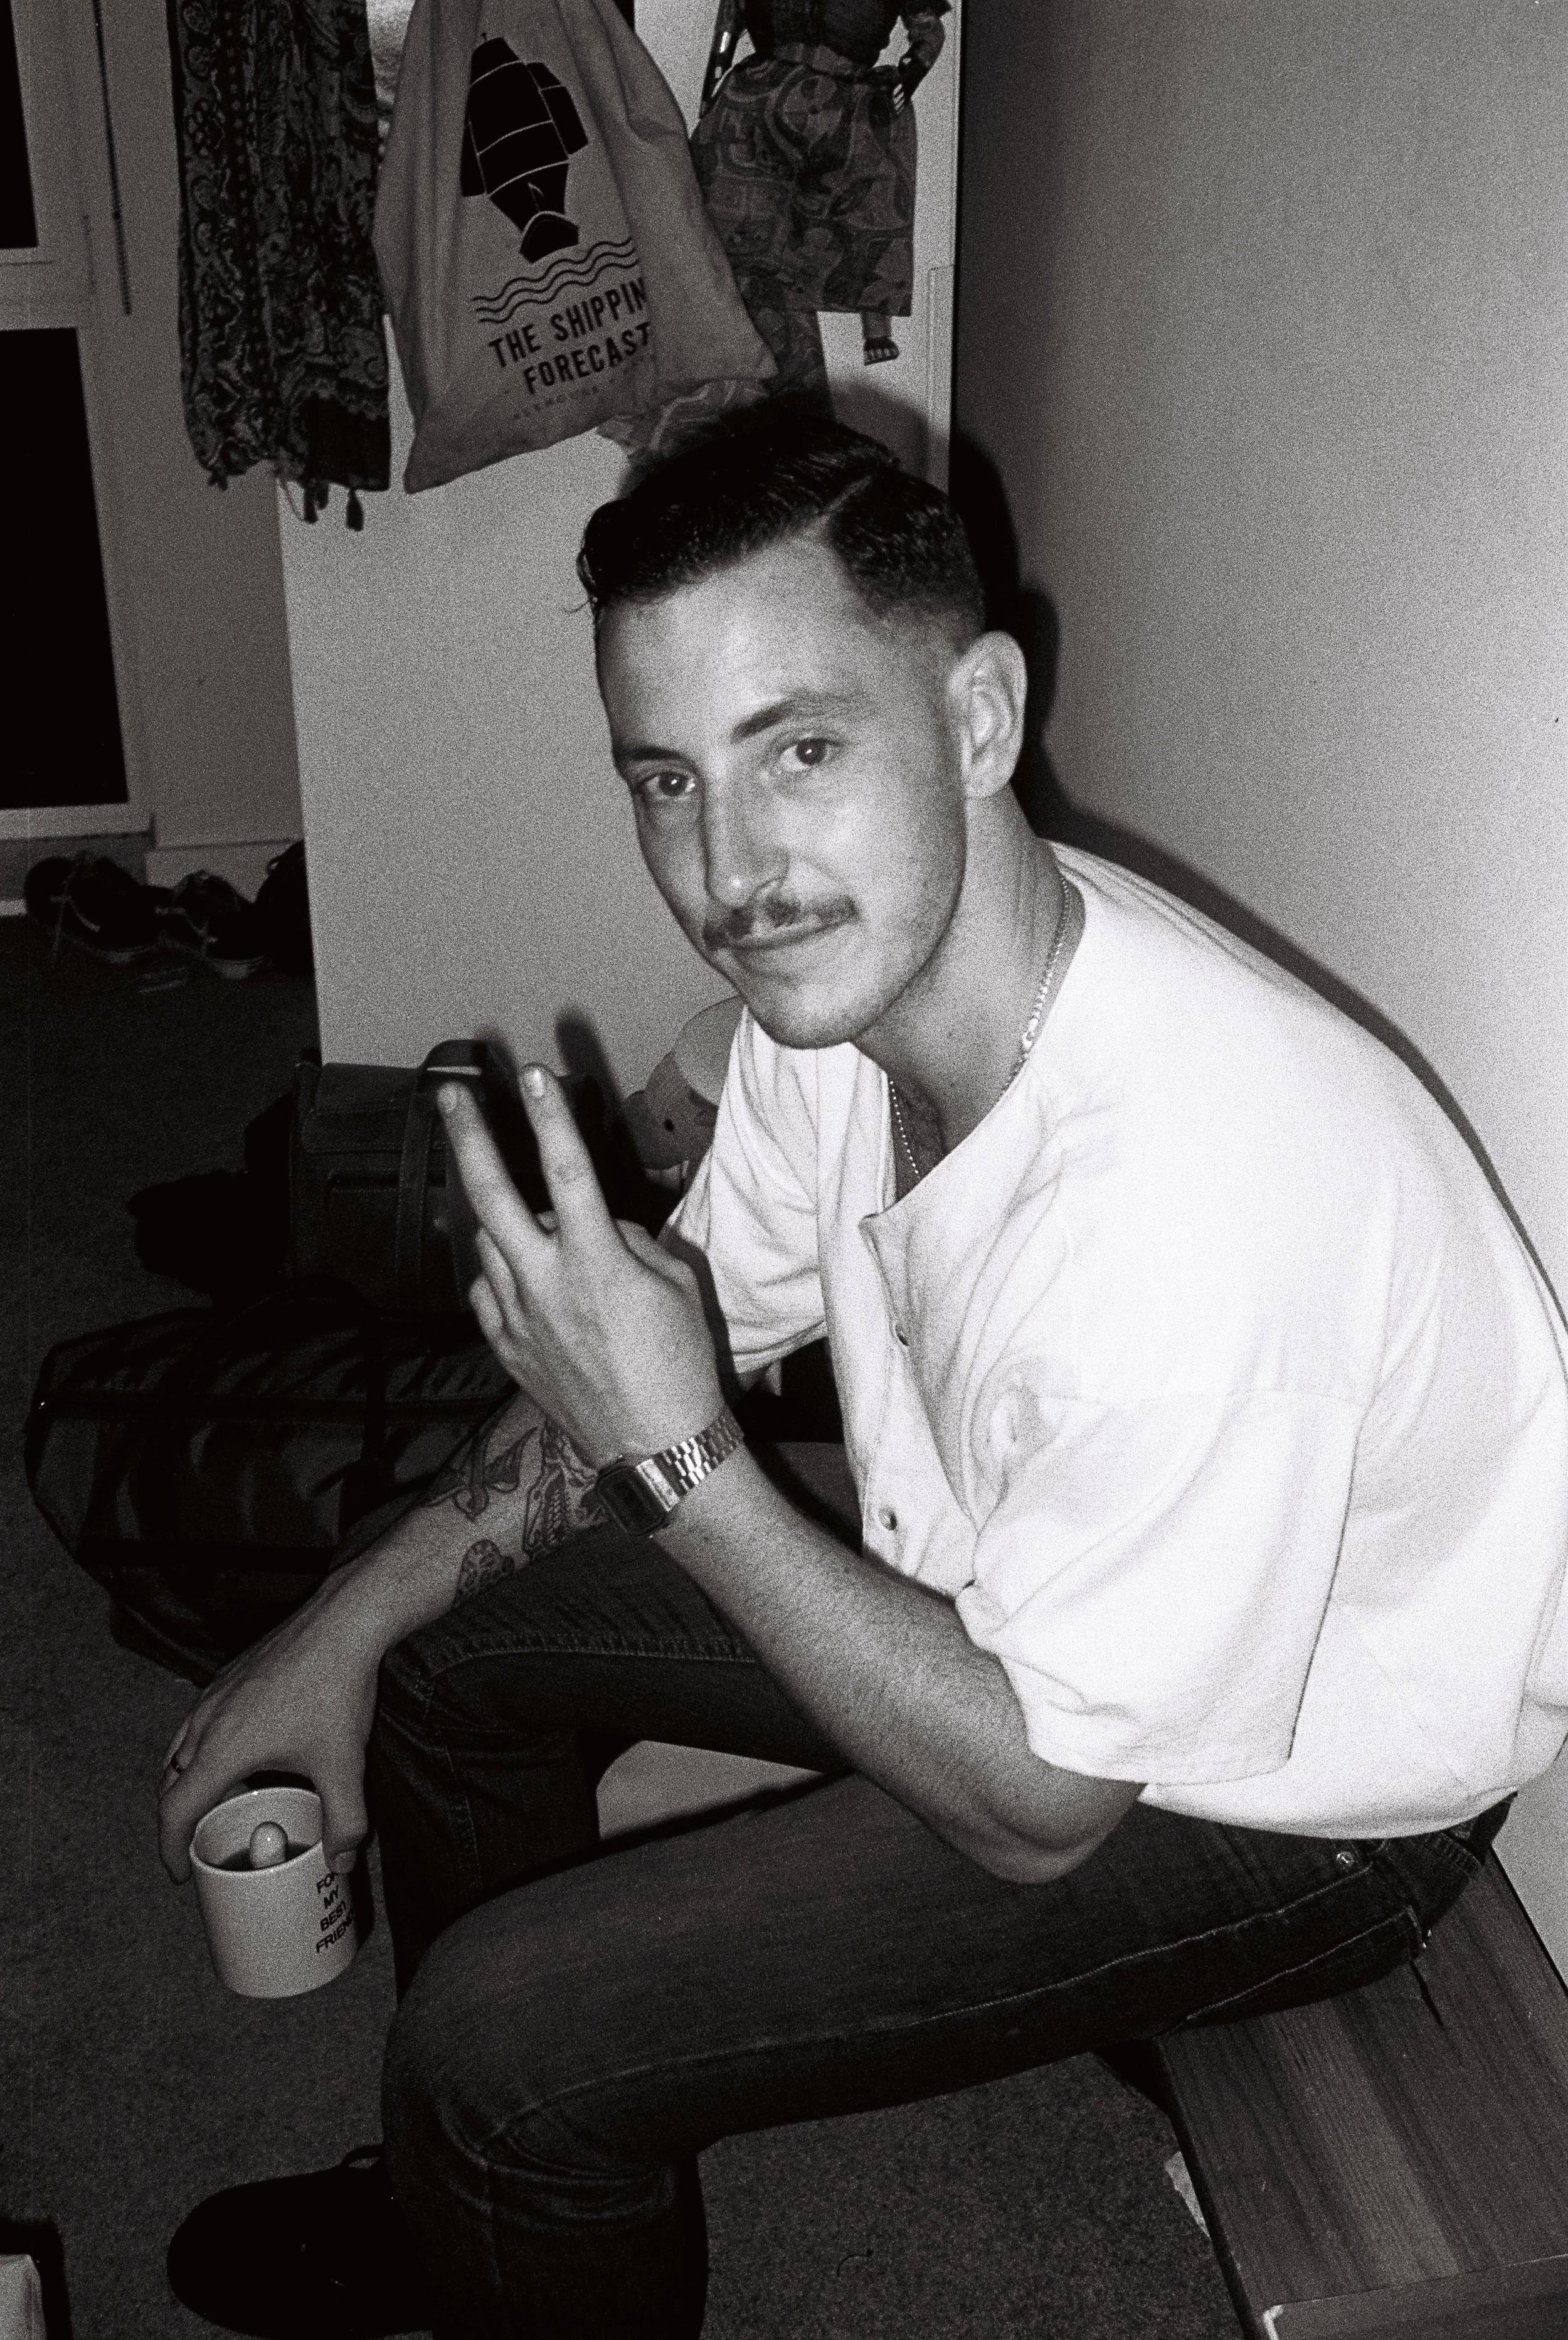 Thom Critchley, aka Chopper, Birkenhead's hardest